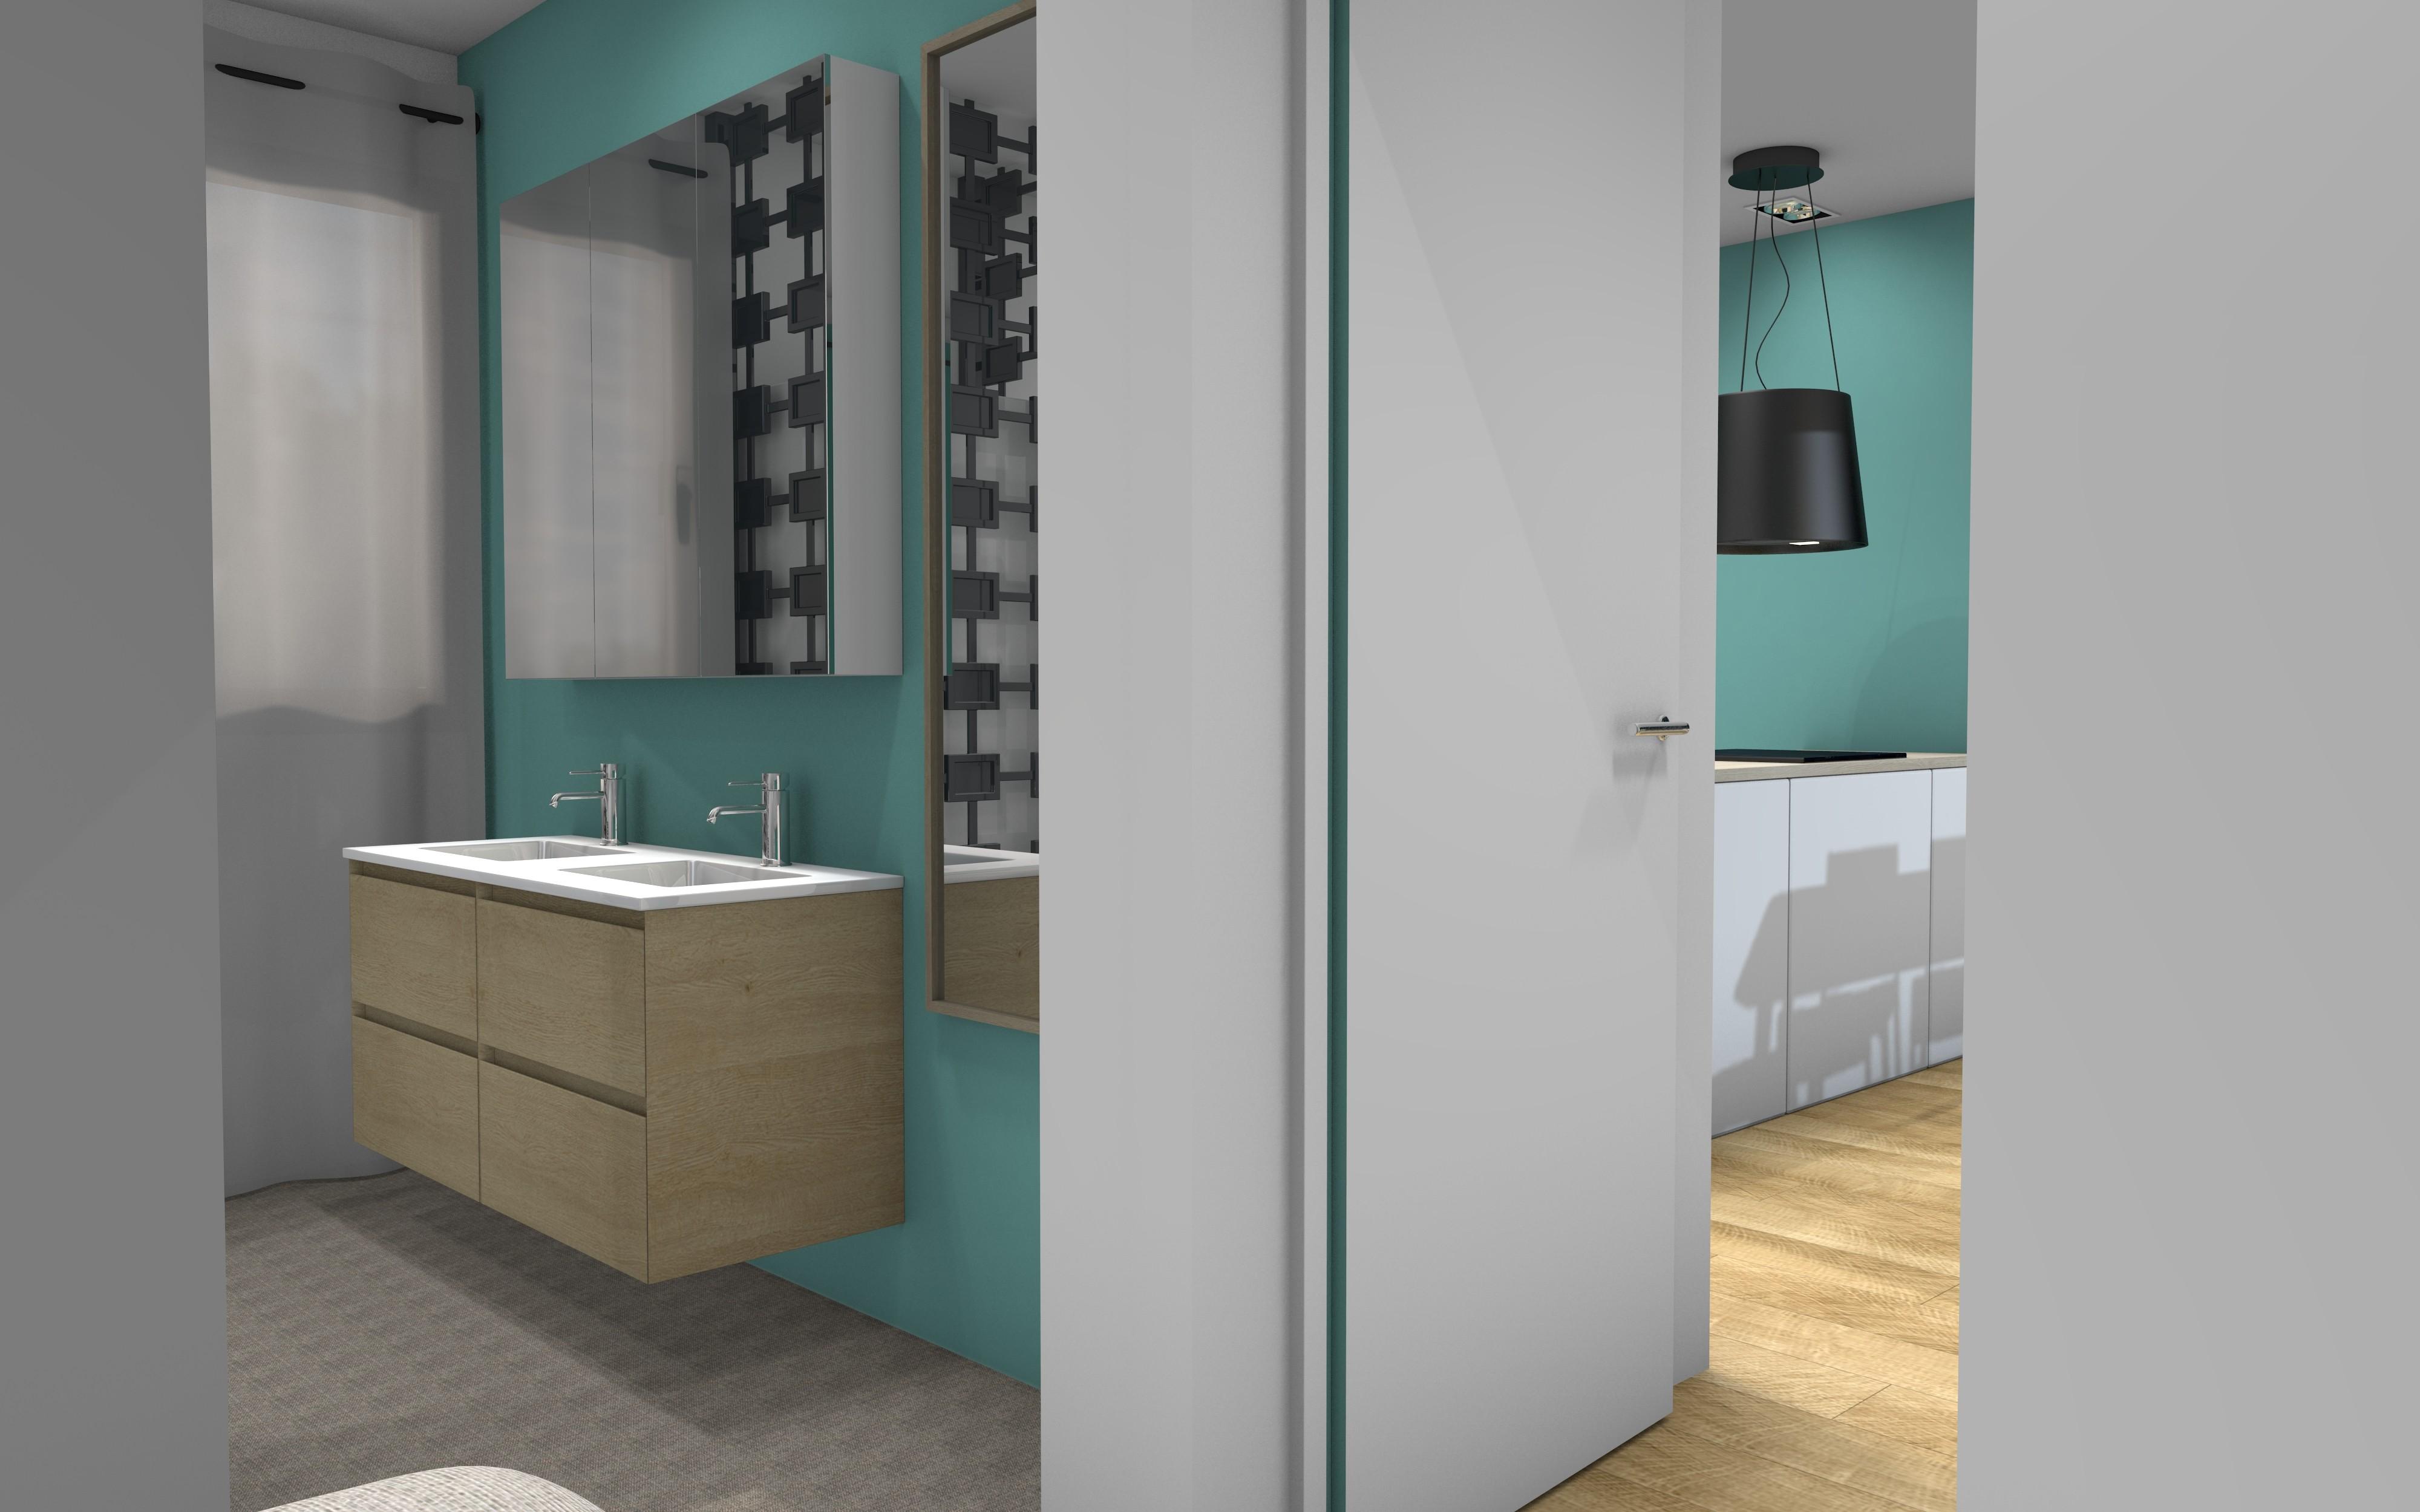 Royan salle de bains bois et vert